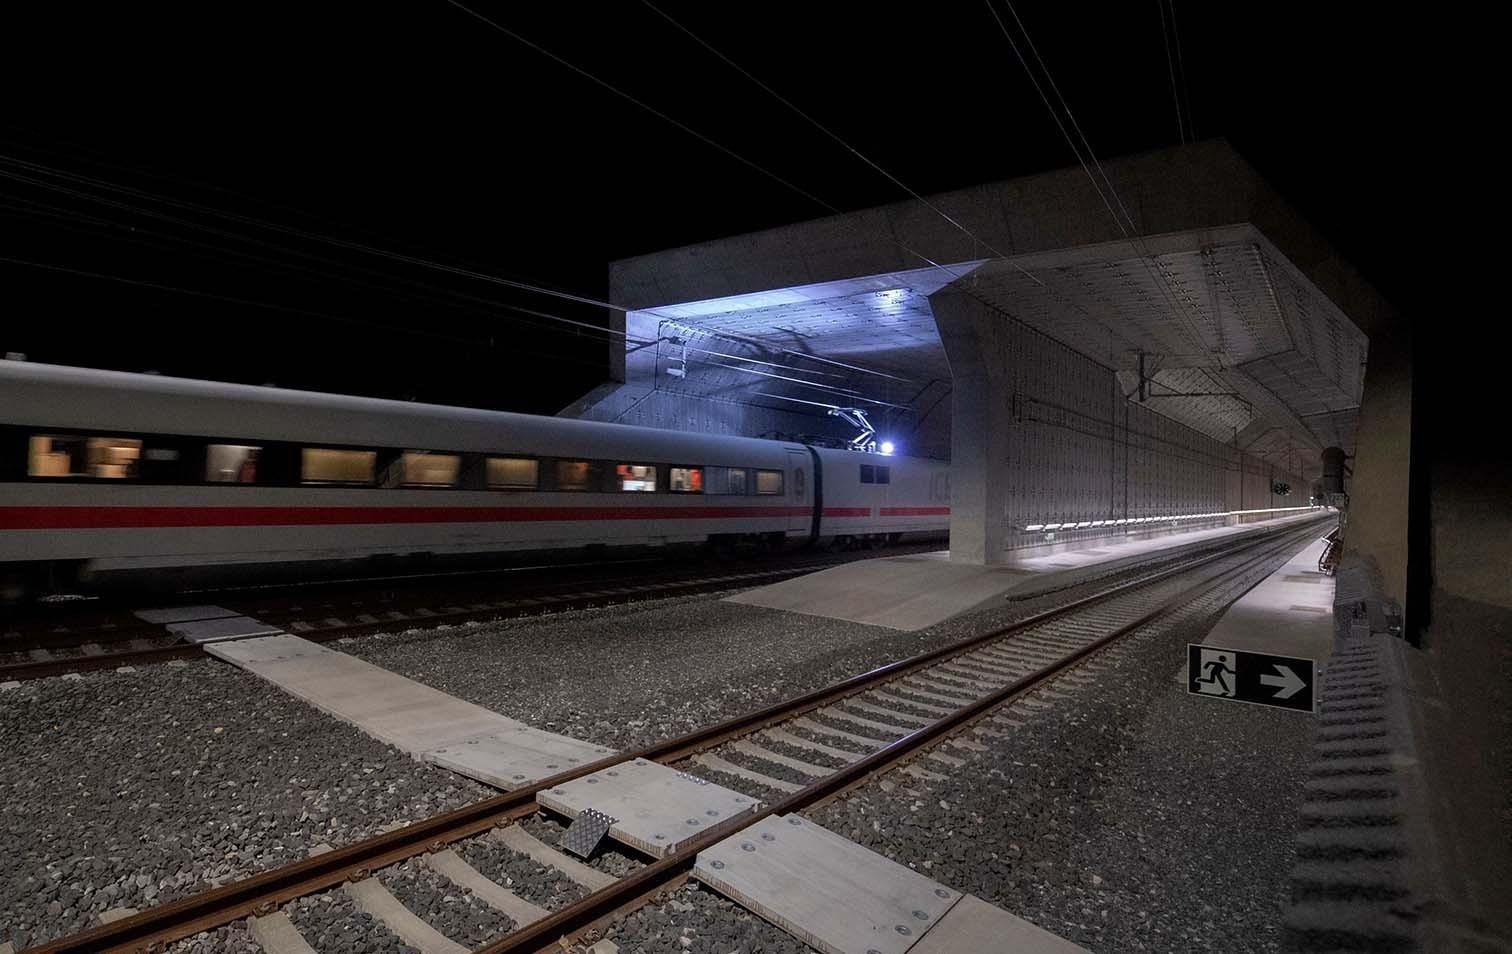 Hochtastfahrt durch den Ceneri-Basistunnel im Mai 2020